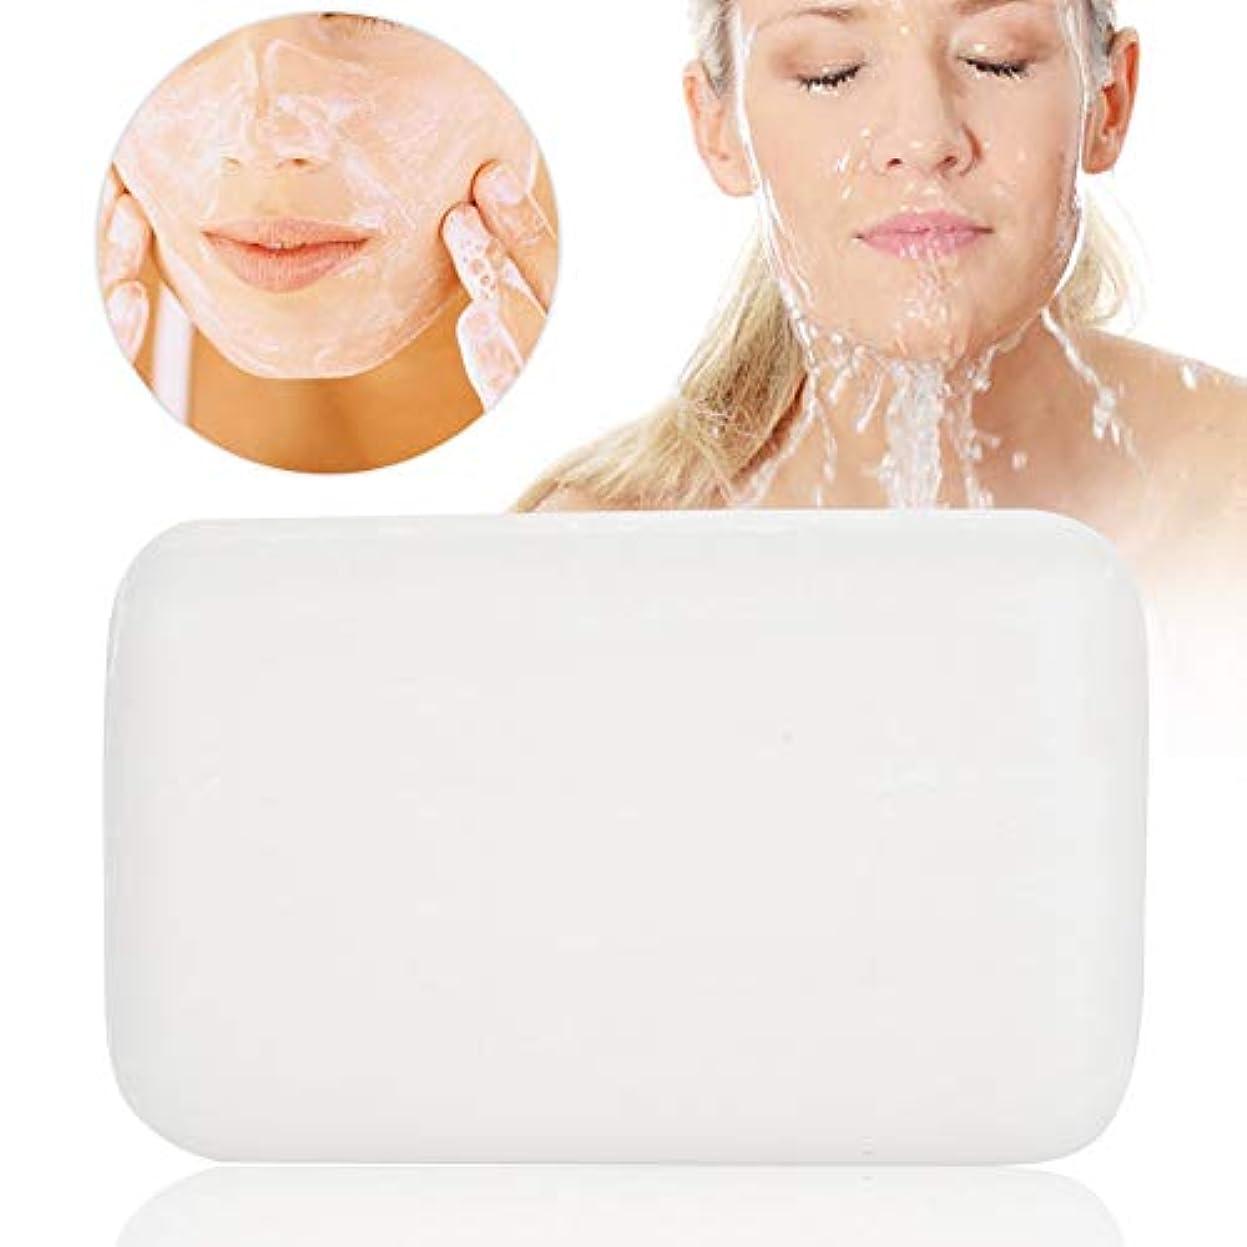 浪費弱点口述する洗顔石鹸 石鹸 シミ取り! 洗顔石けん 無添加 低刺激性 化粧石鹸(洗顔?全身用) せっけん バスサイズ